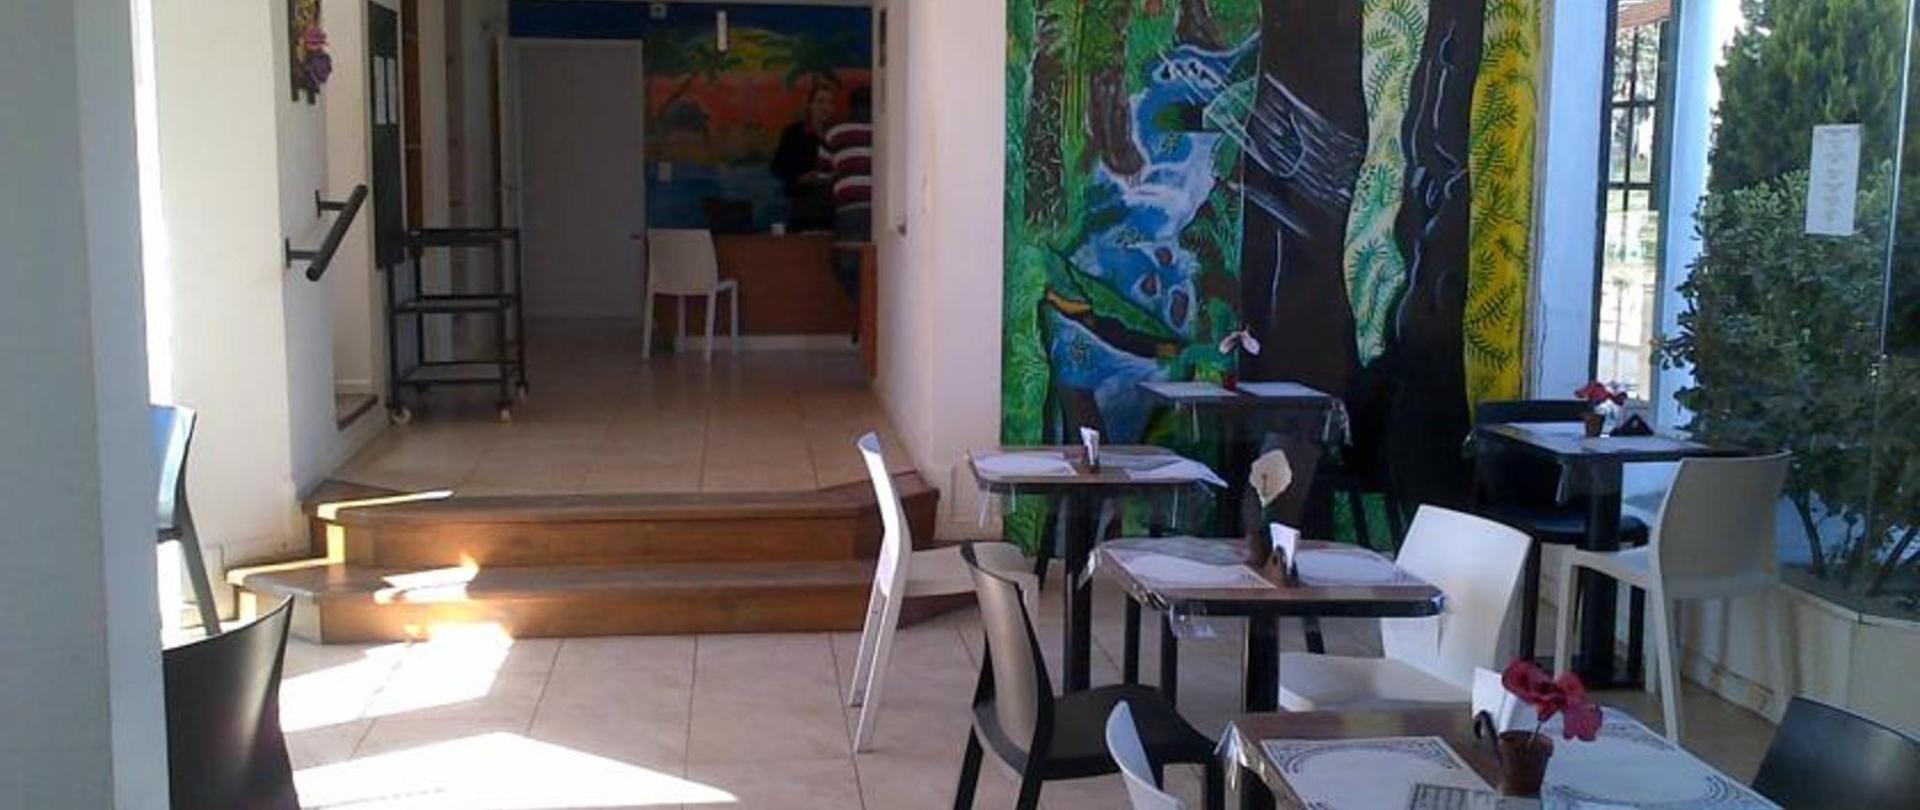 Hotel Queguay desayunador.jpg